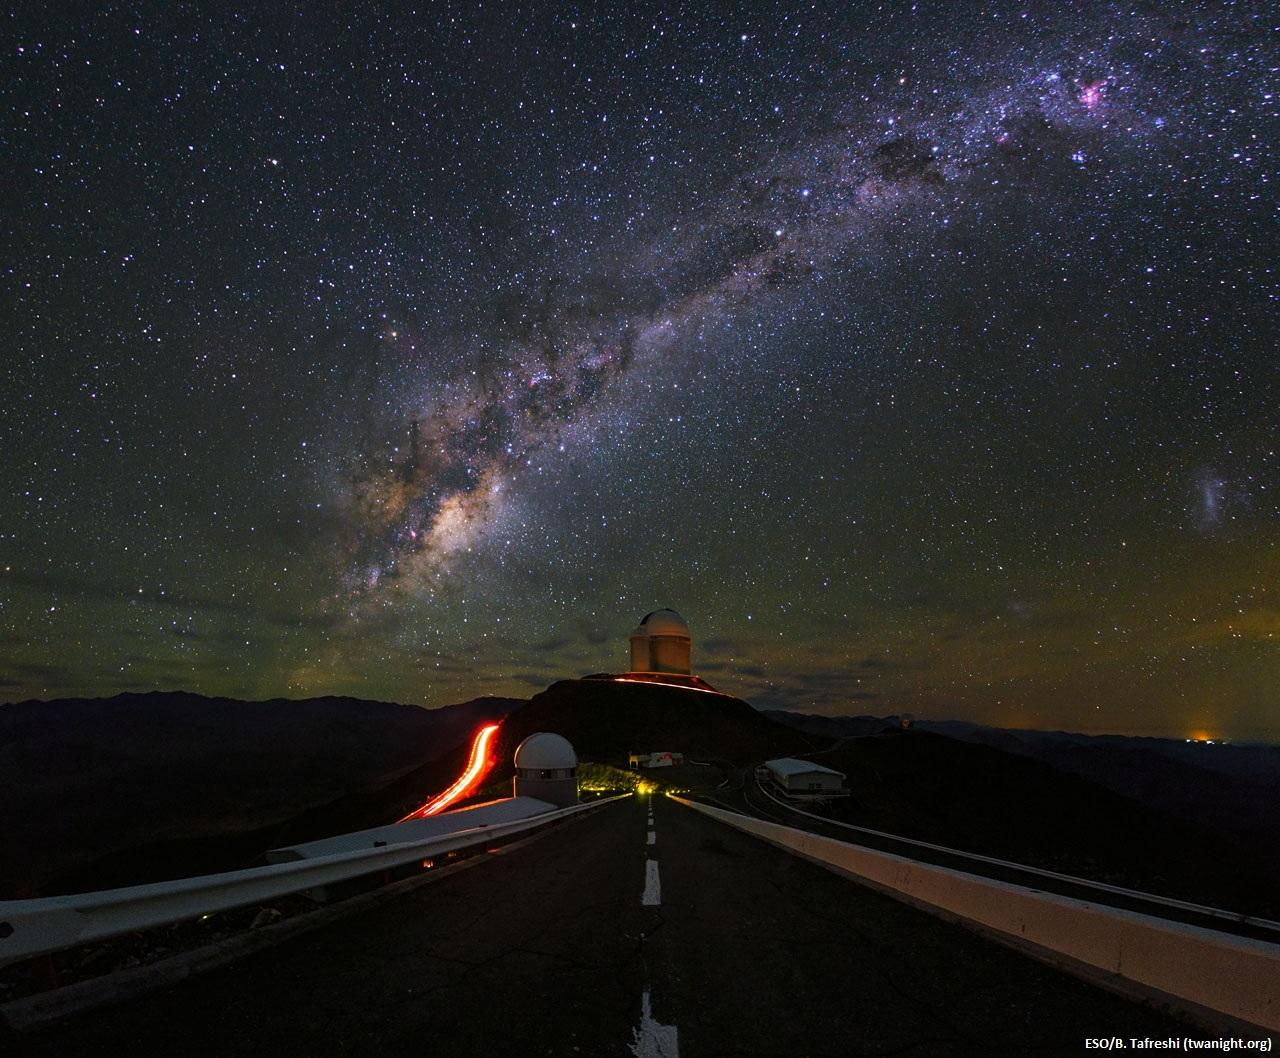 Chile levanta información clave para ser un destino líder en astroturismo